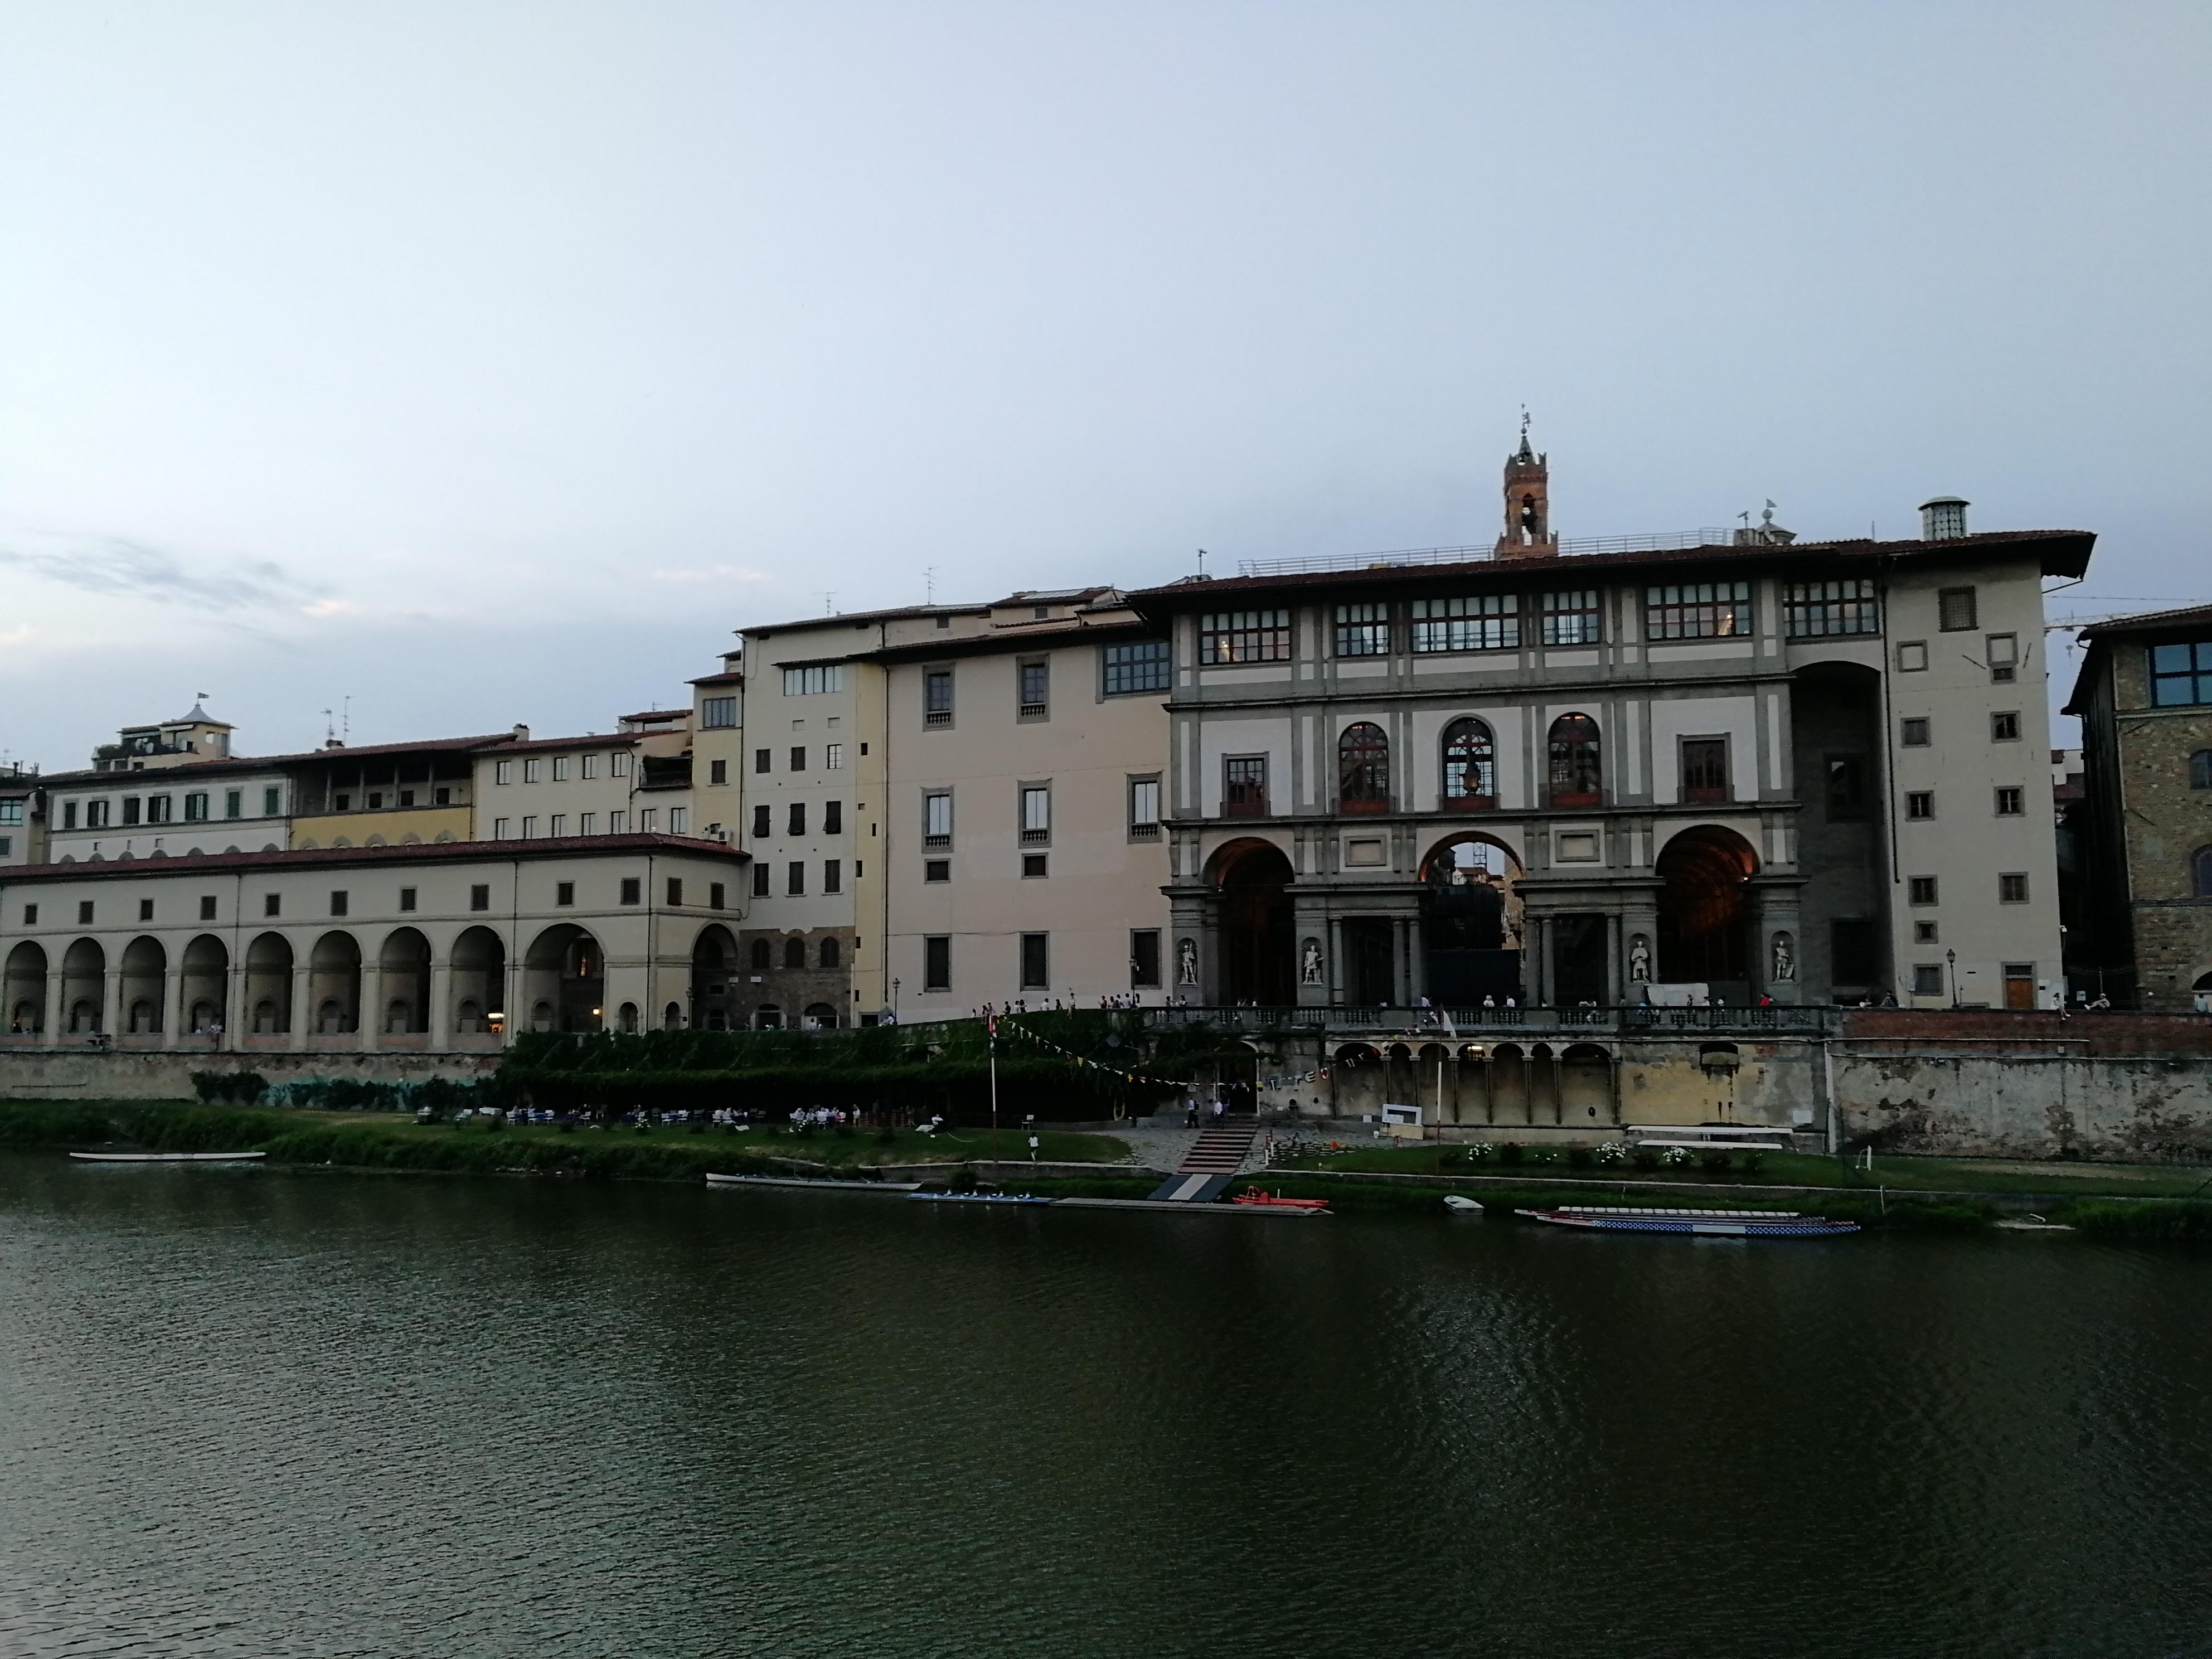 Uffizi Képtár és a Vasari-folyosó